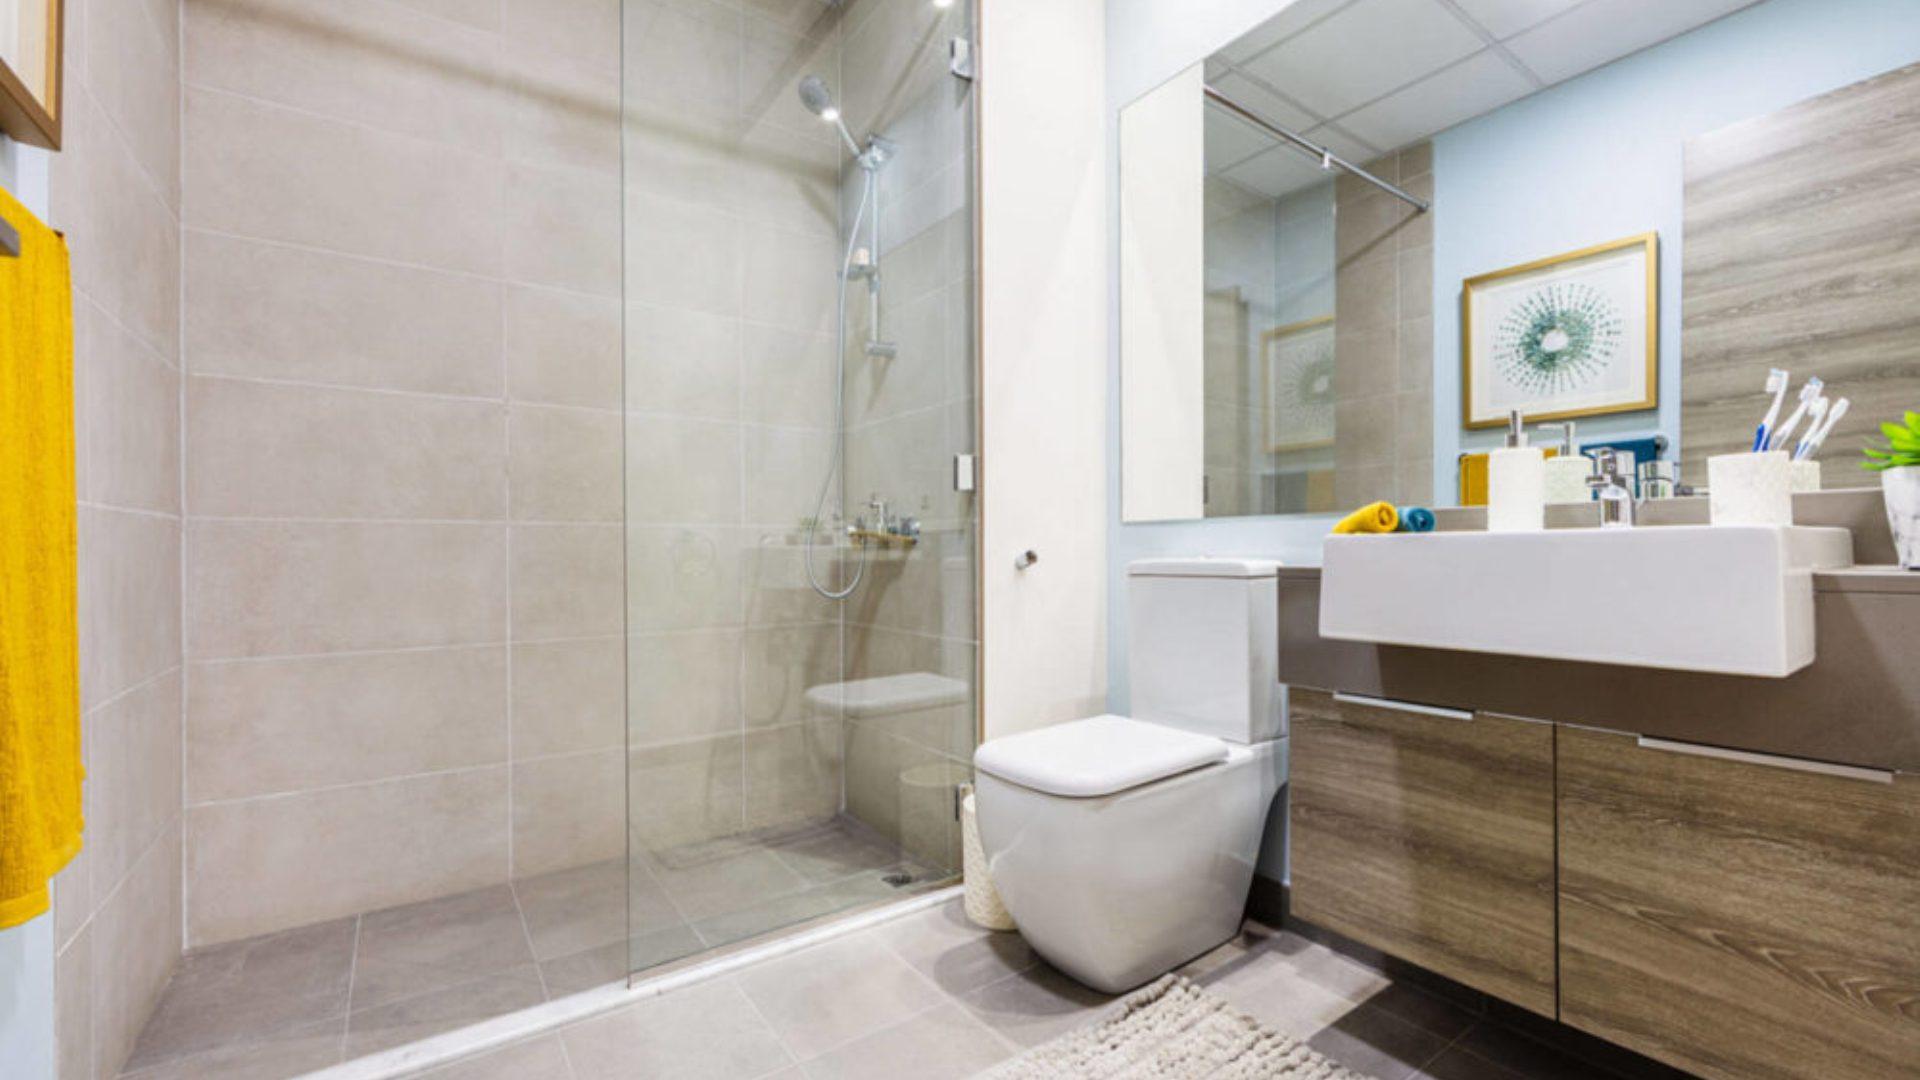 Apartment for sale in Dubai, UAE, 3 bedrooms, 151 m2, No. 24233 – photo 7